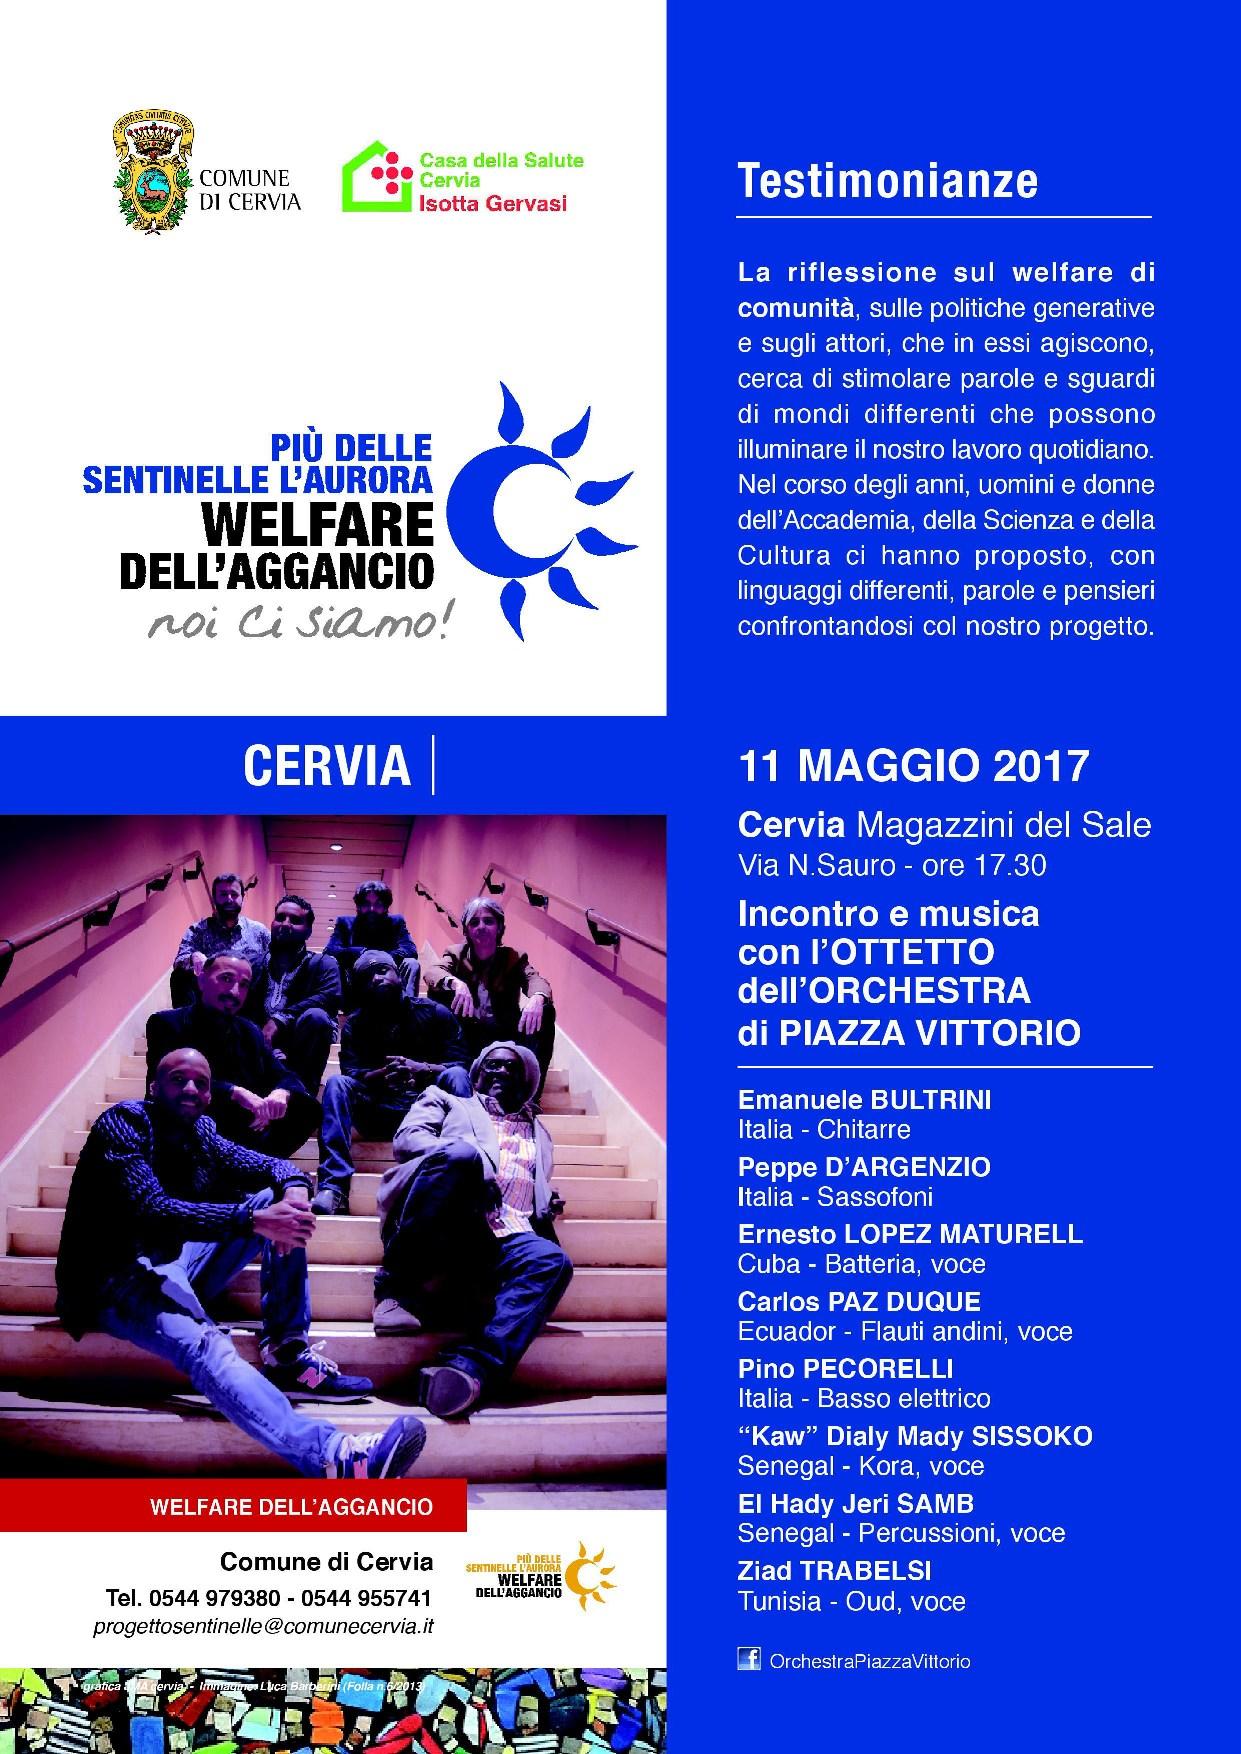 Concerto orchestra di Piazza Vittorio 11 maggio 2017